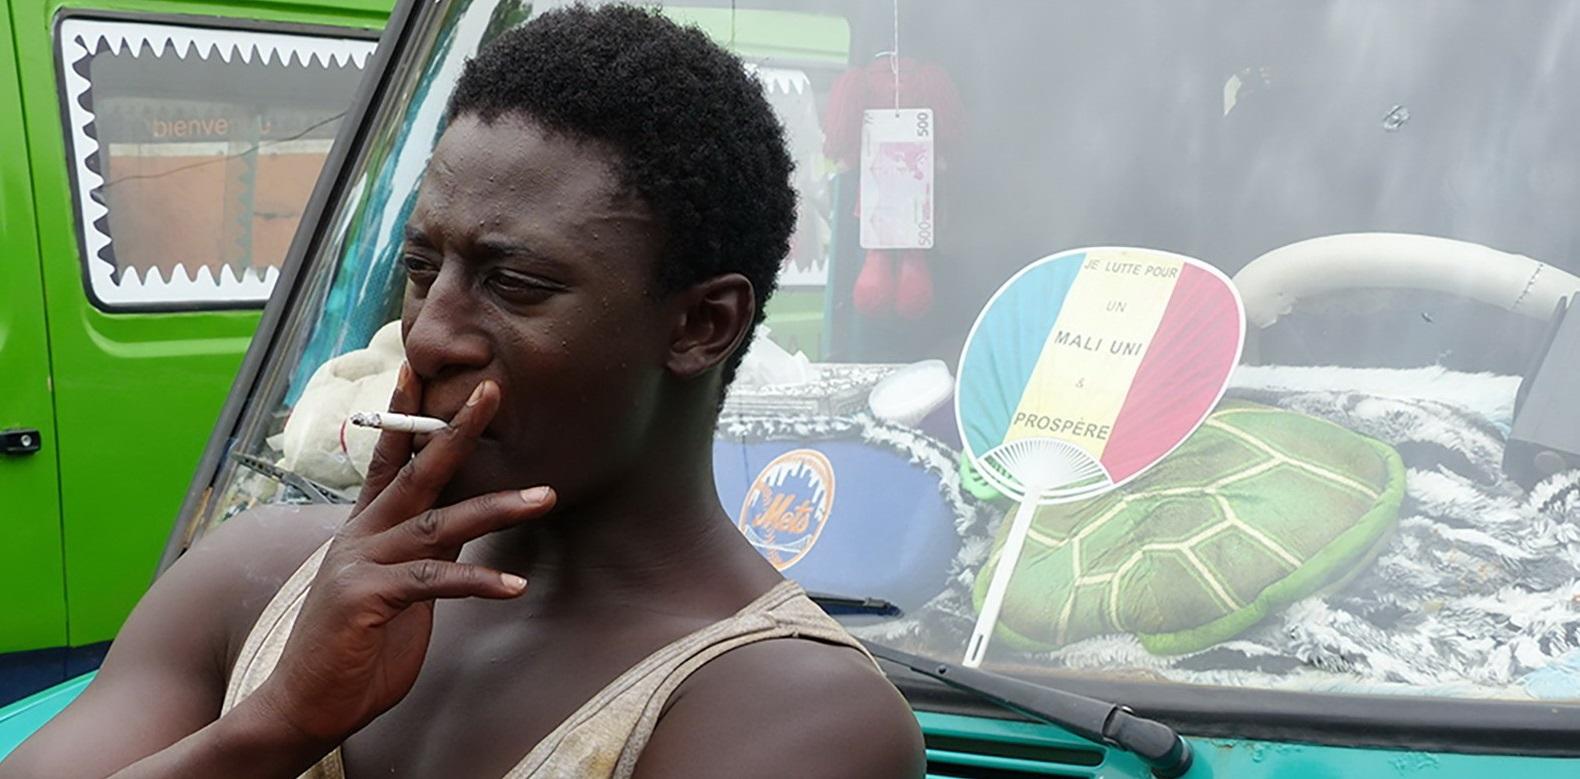 Kino inak A4 uvedie film talentovaného afrického režiséra Daoudu Coulibalyho